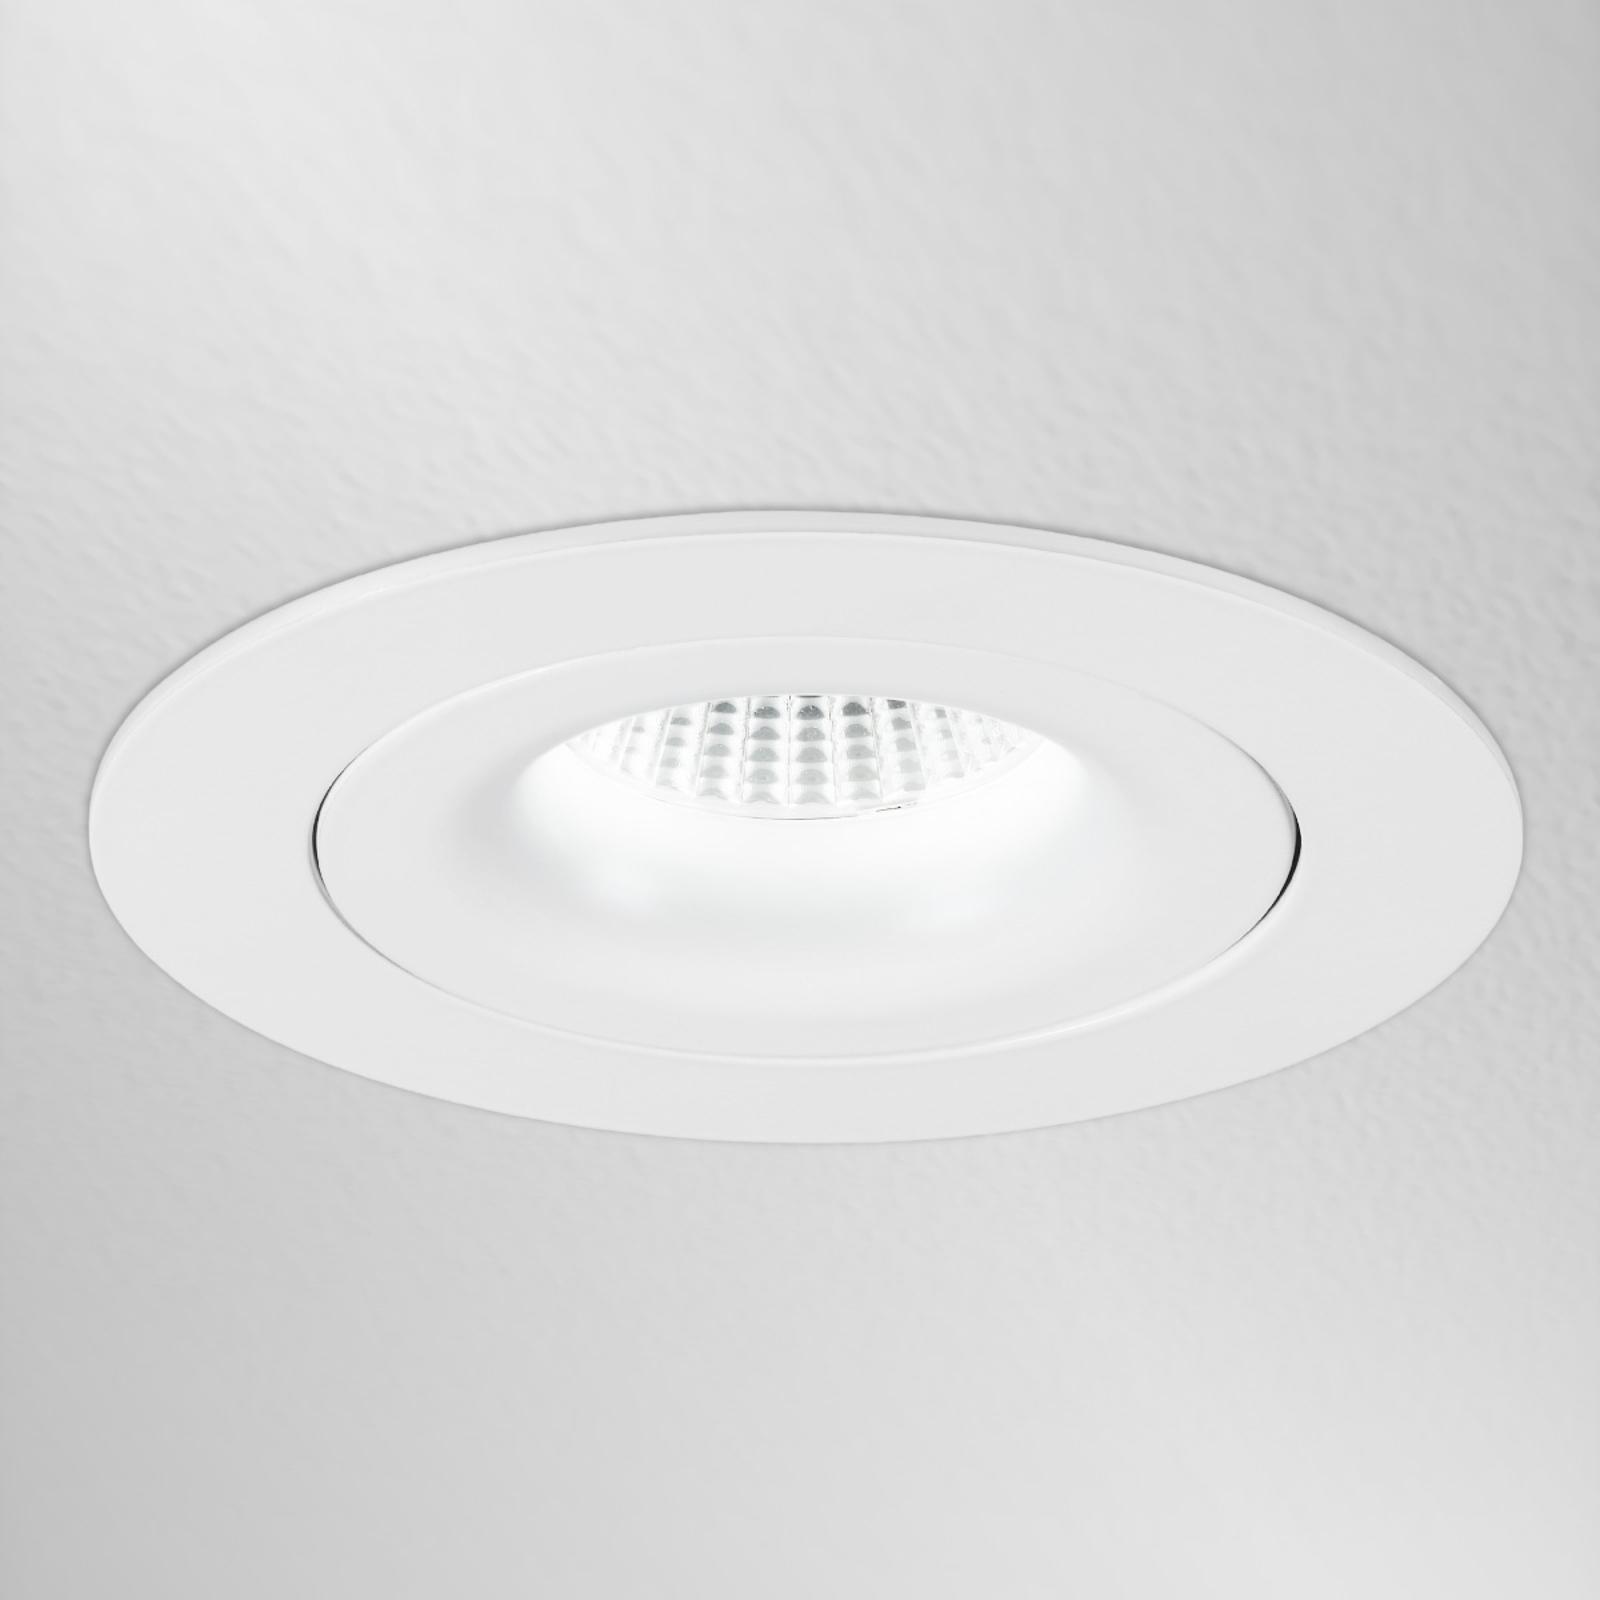 Runder LED-Einbaustrahler MK 110